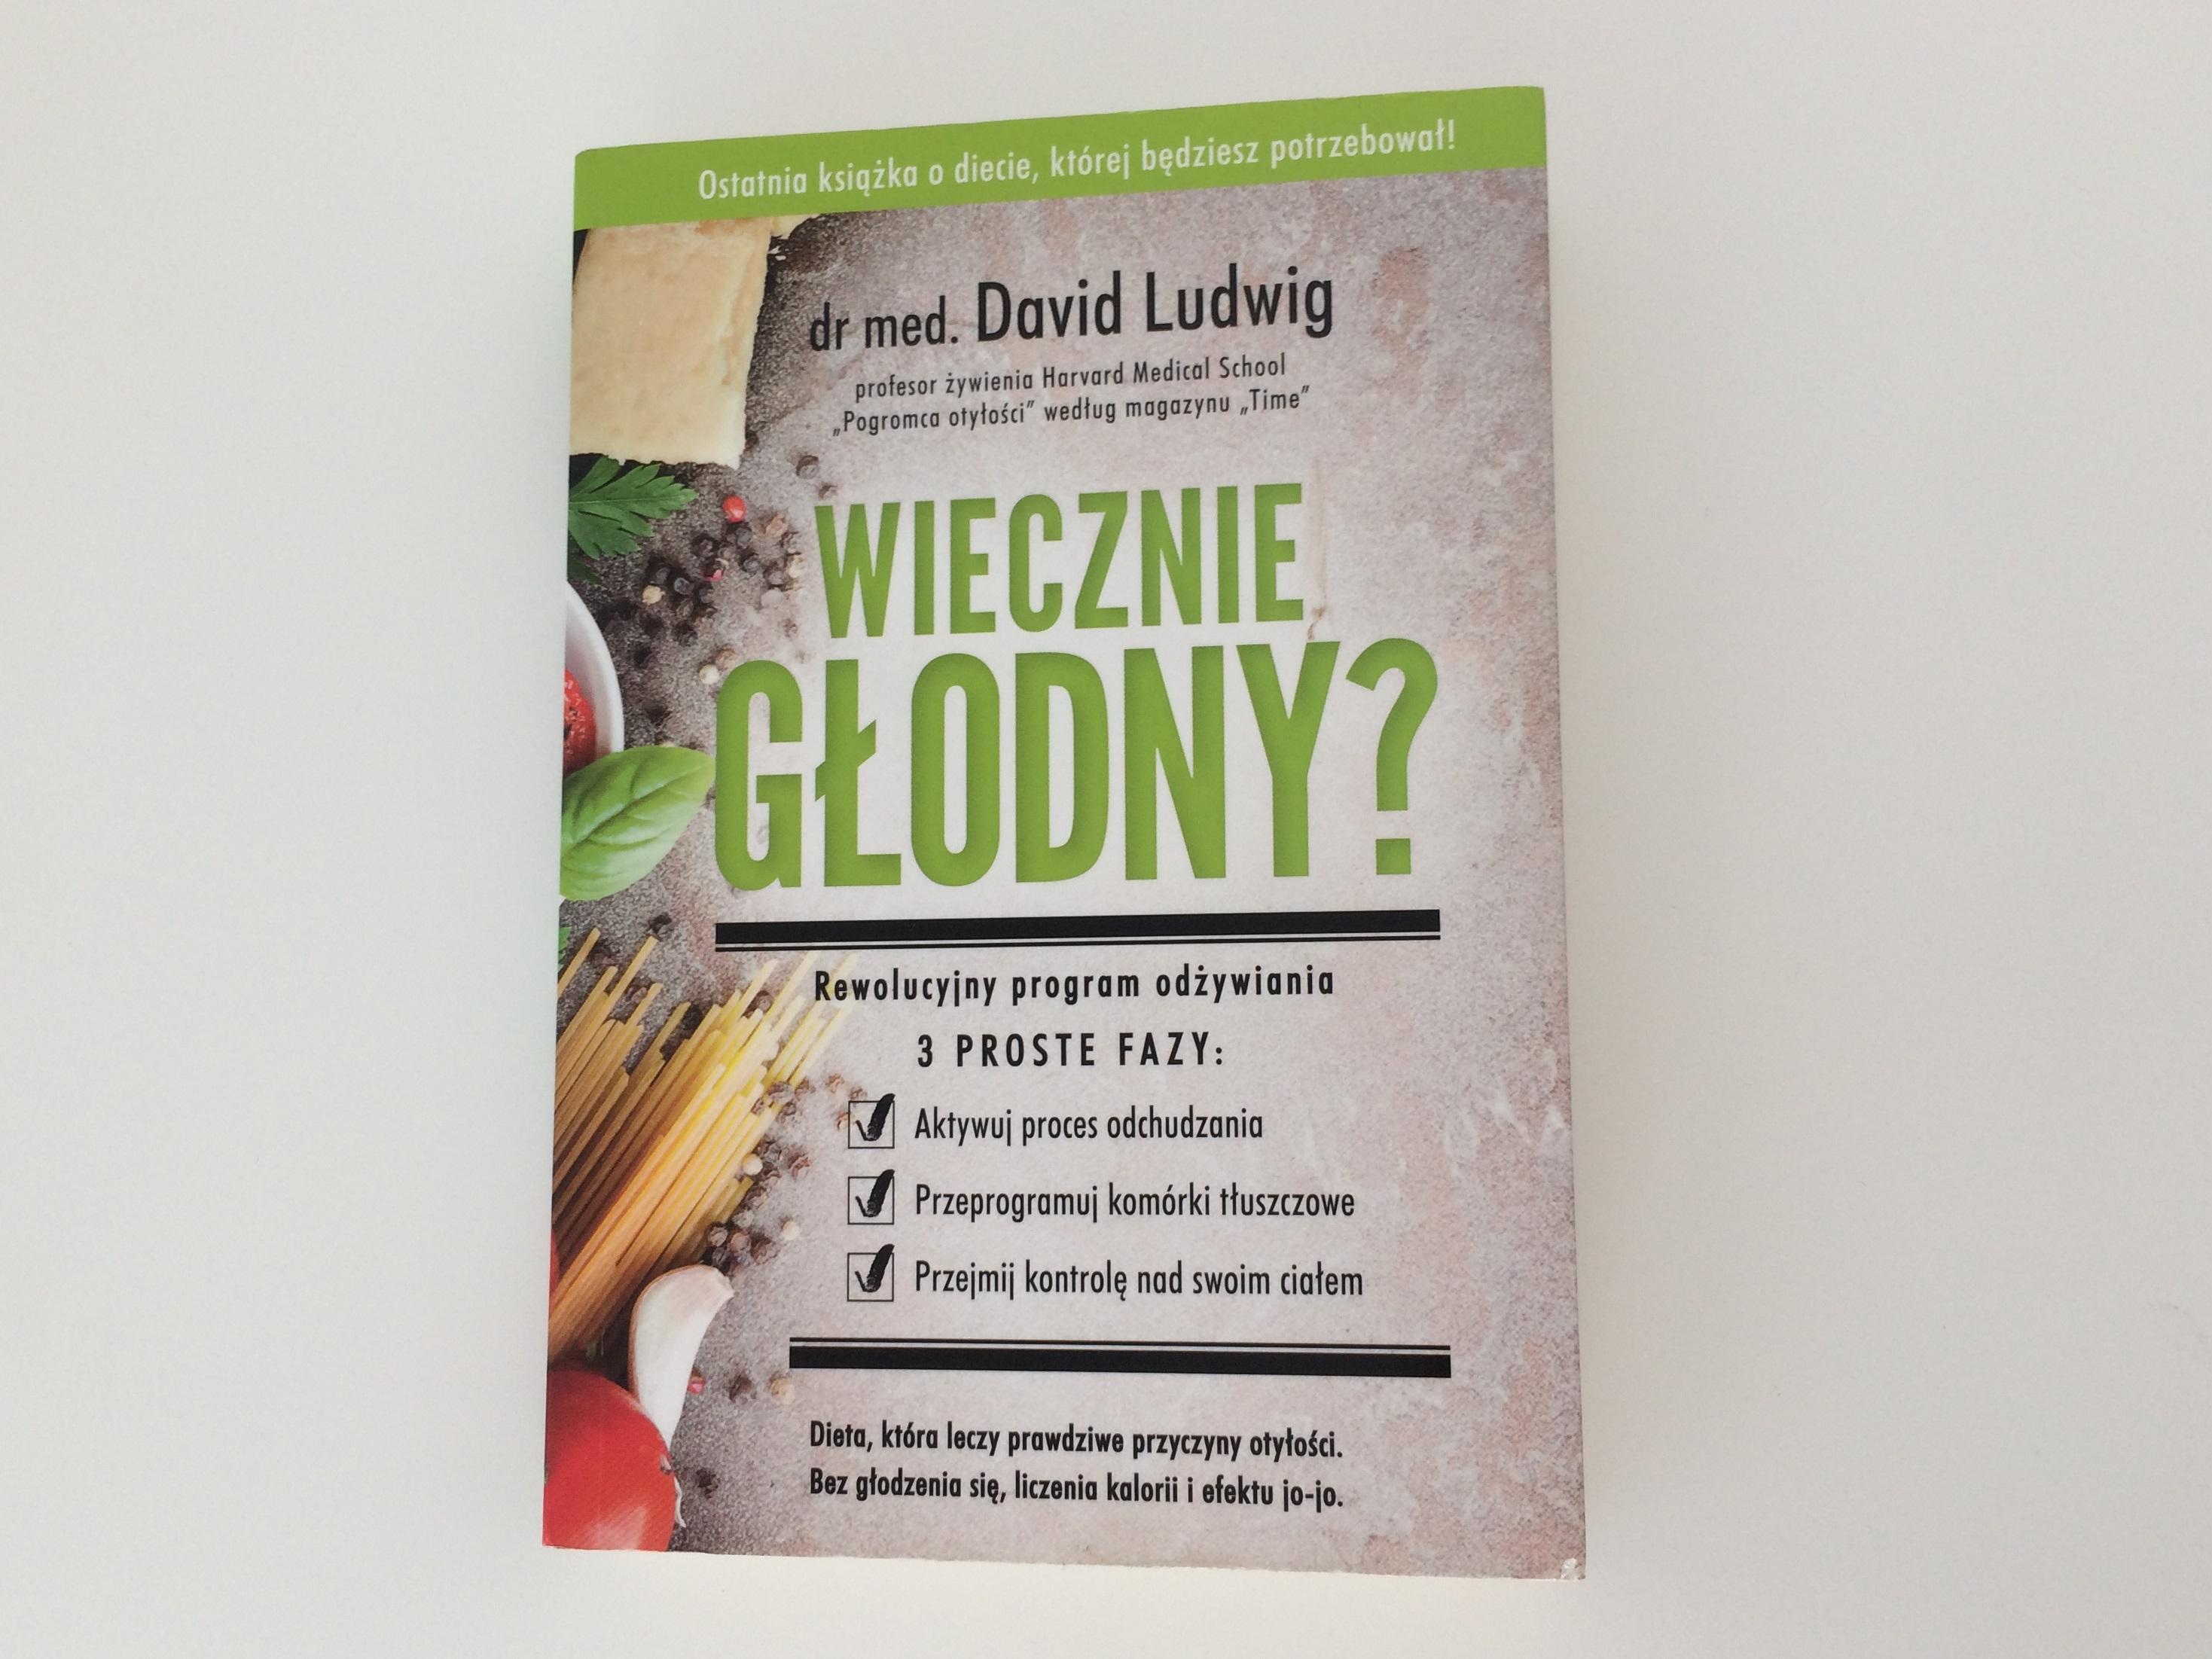 dr med. David Ludwig - Wiecznie głodny?